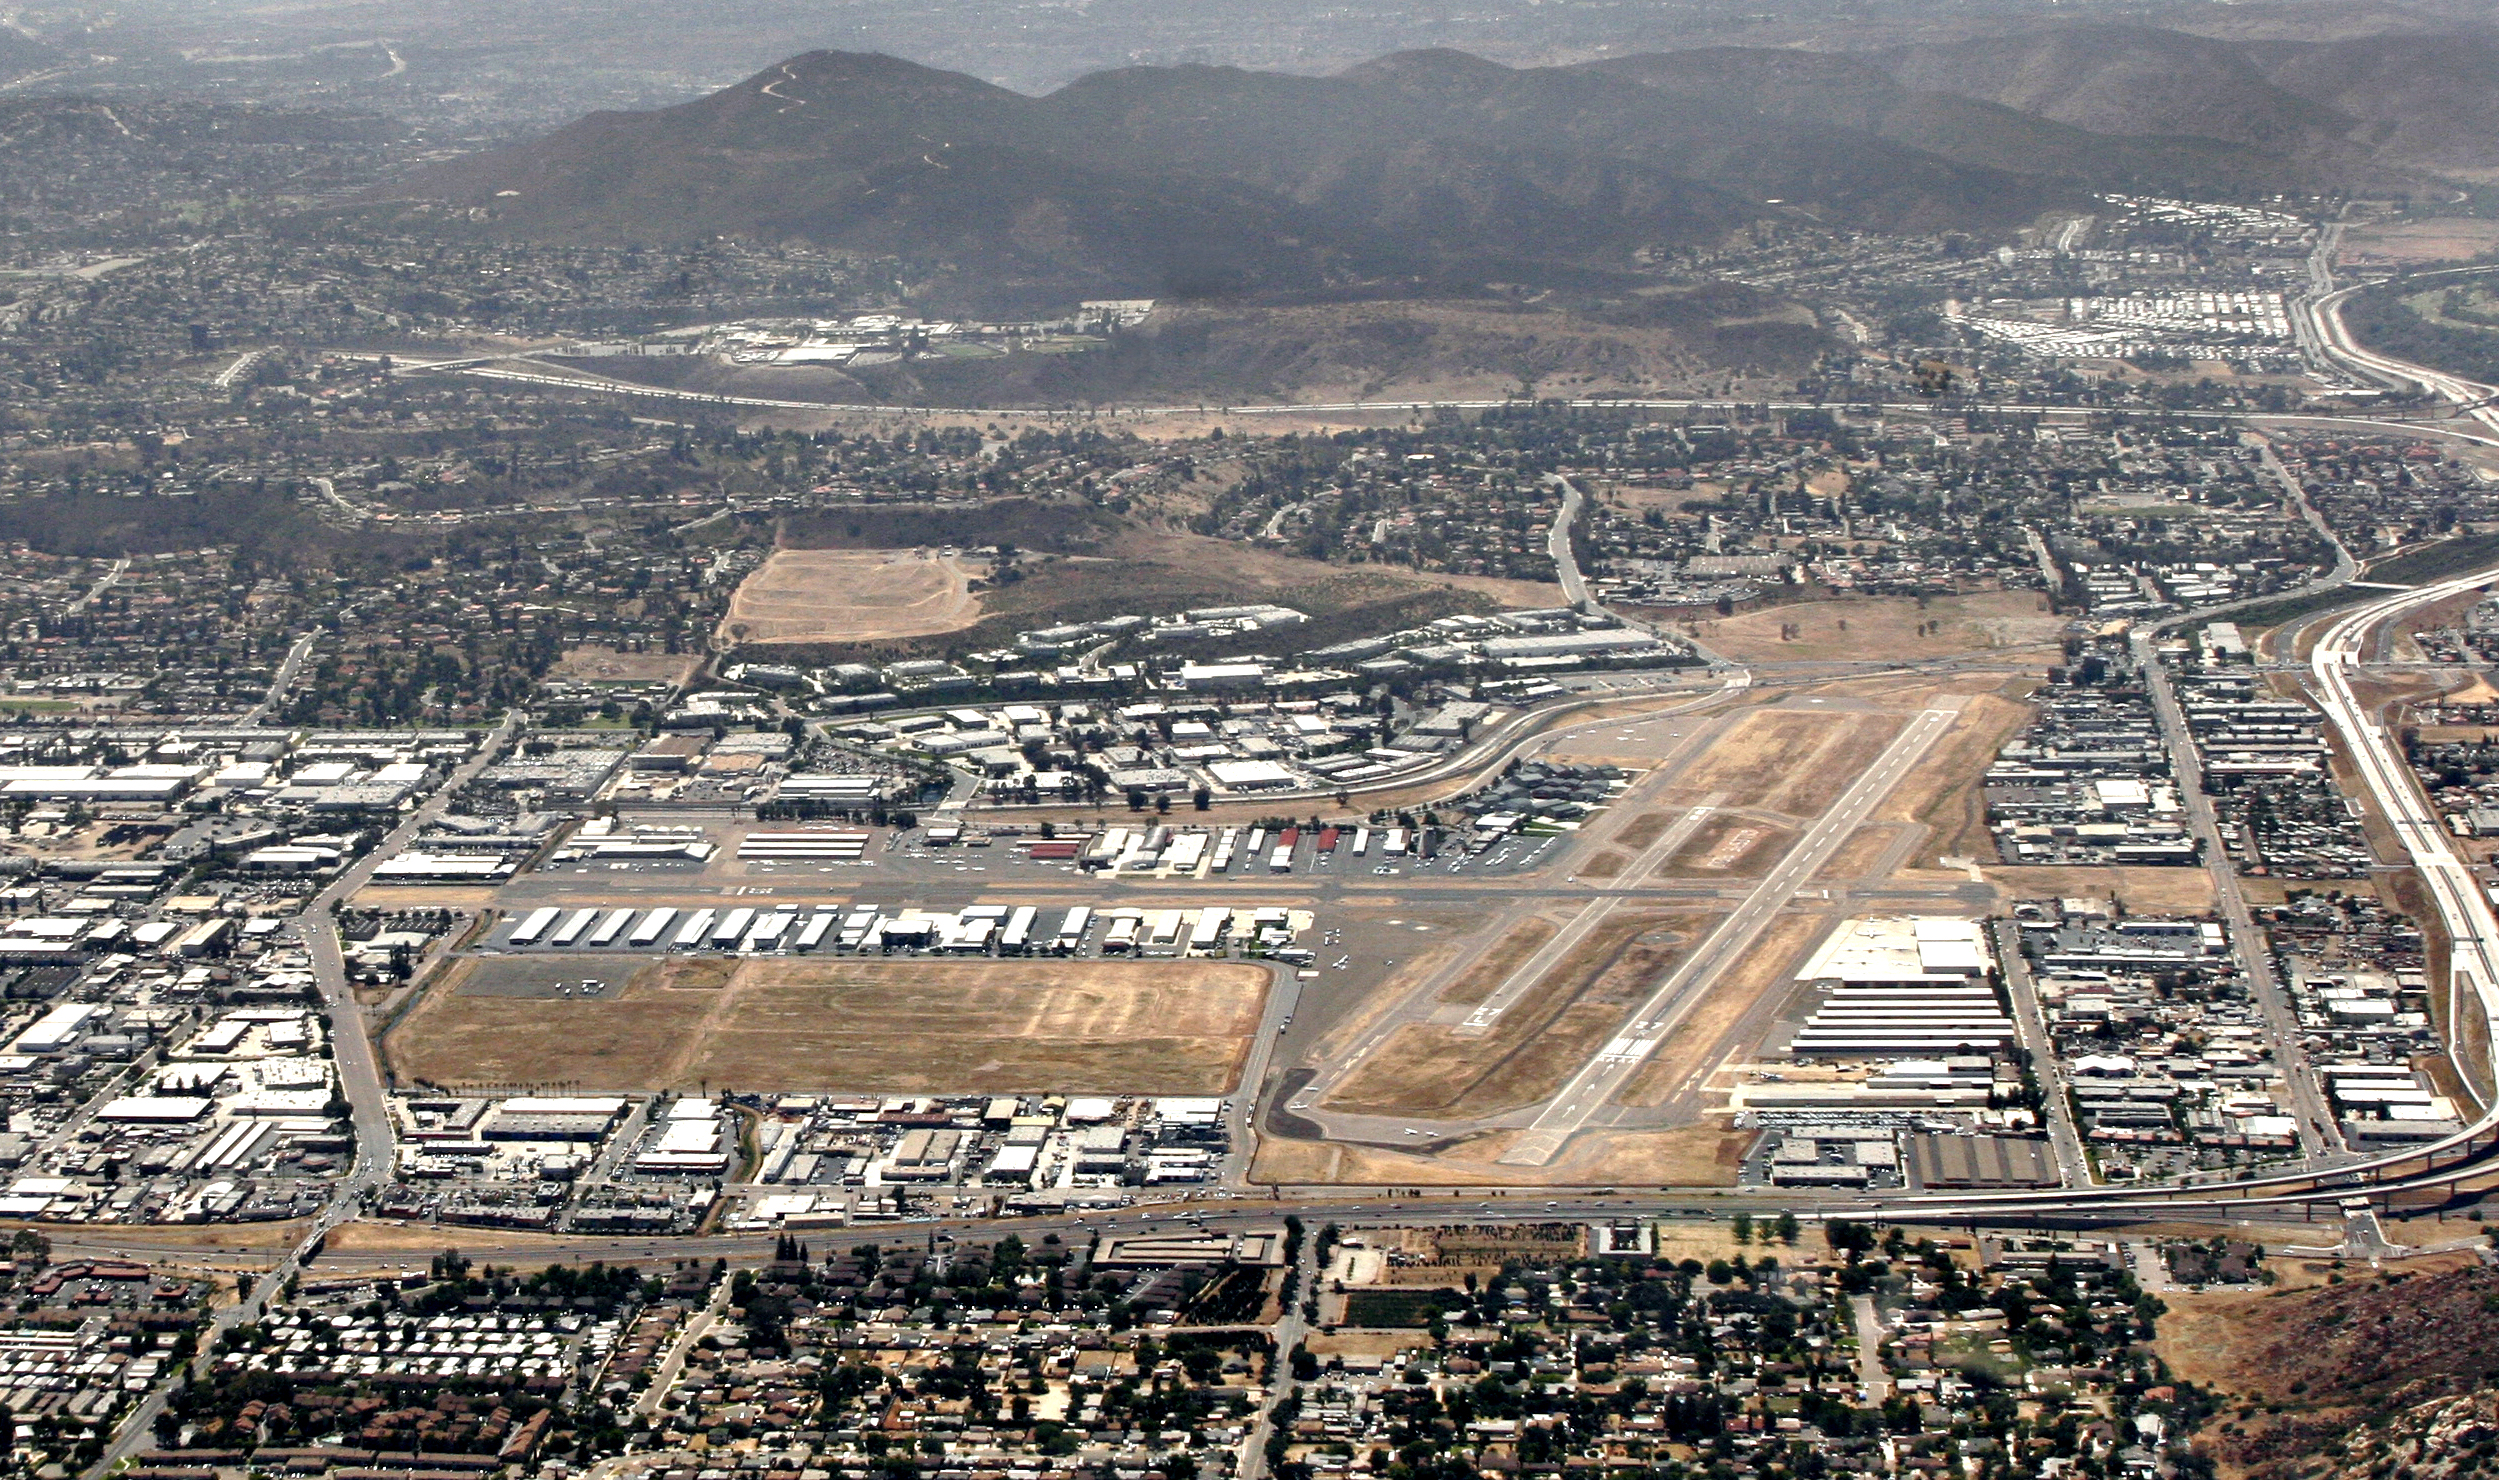 San Diego Airport (SAN) to El Cajon - 6 ways to travel via ...